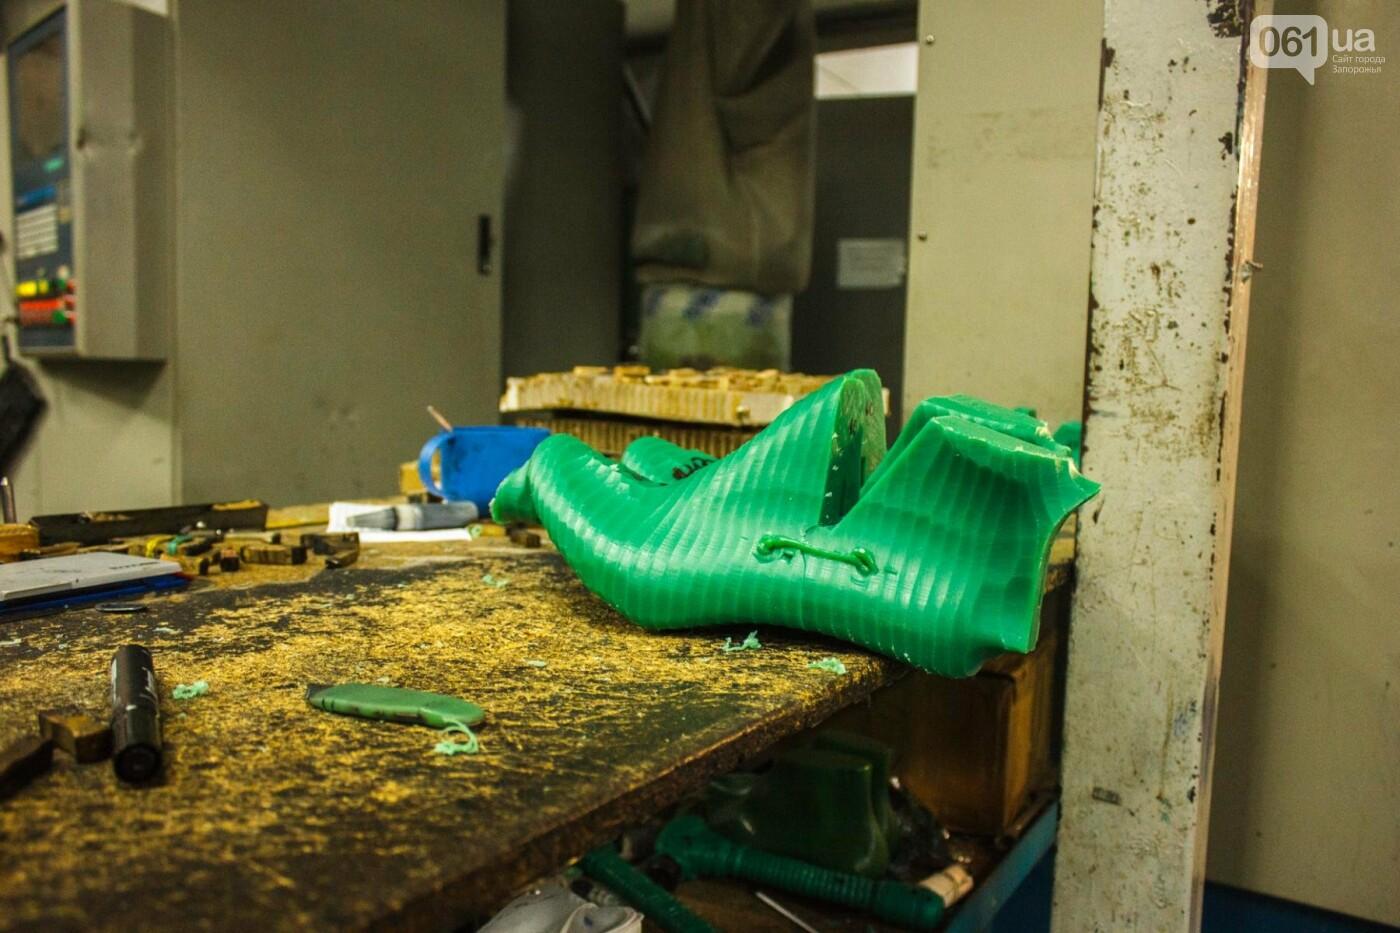 Как создается обувь: экскурсия на запорожскую обувную фабрику, – ФОТОРЕПОРТАЖ, фото-10